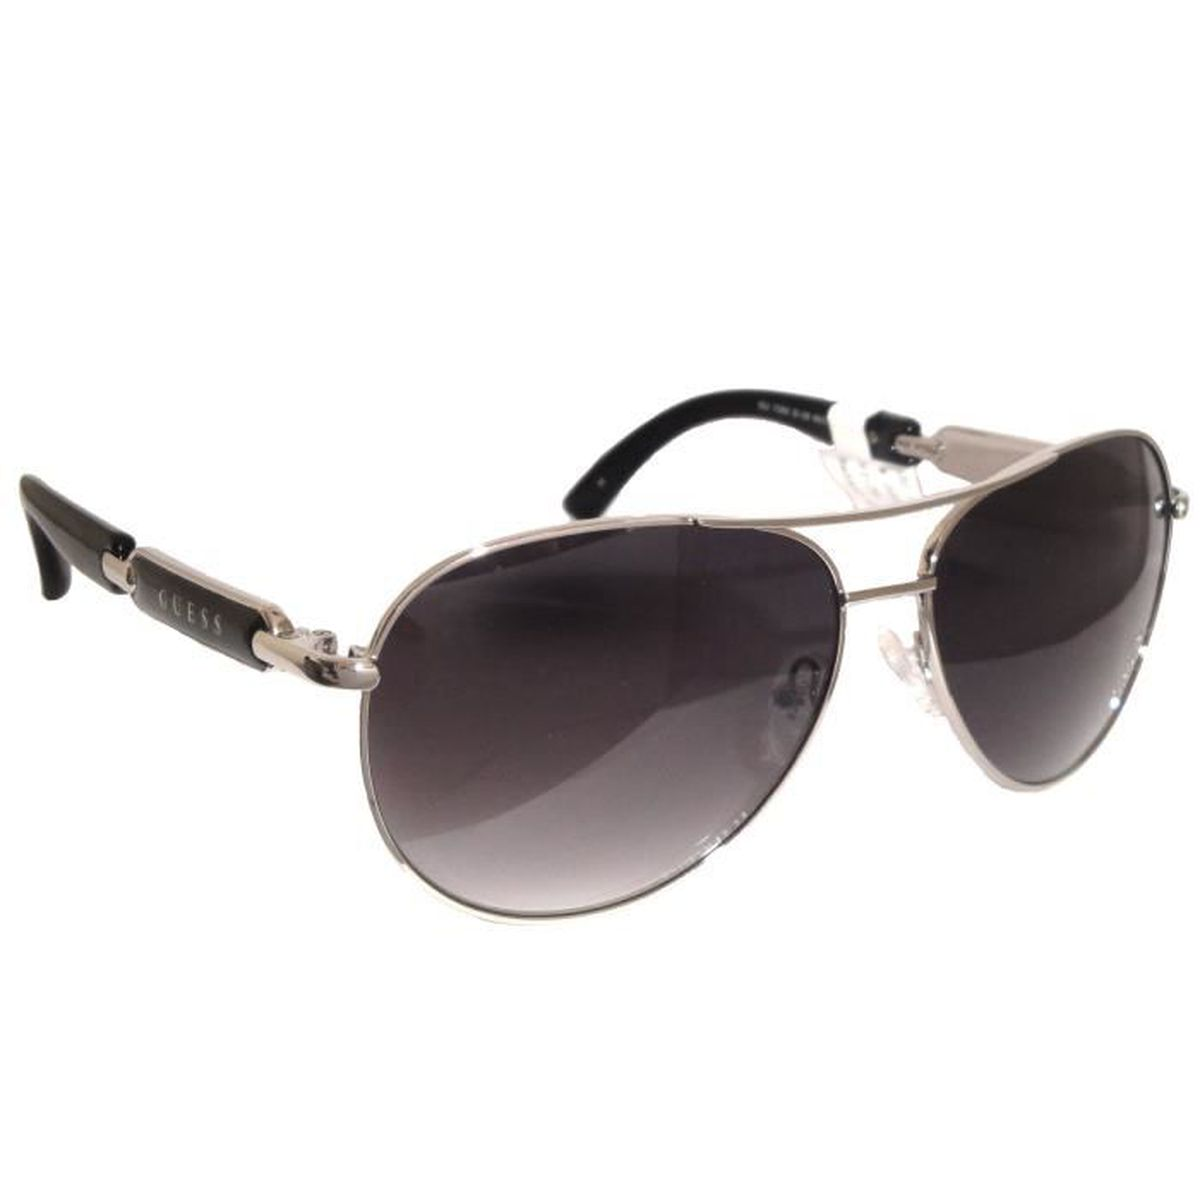 lunettes de soleil guess femme noir logo gu7295 noir et verre gris achat vente lunettes de. Black Bedroom Furniture Sets. Home Design Ideas